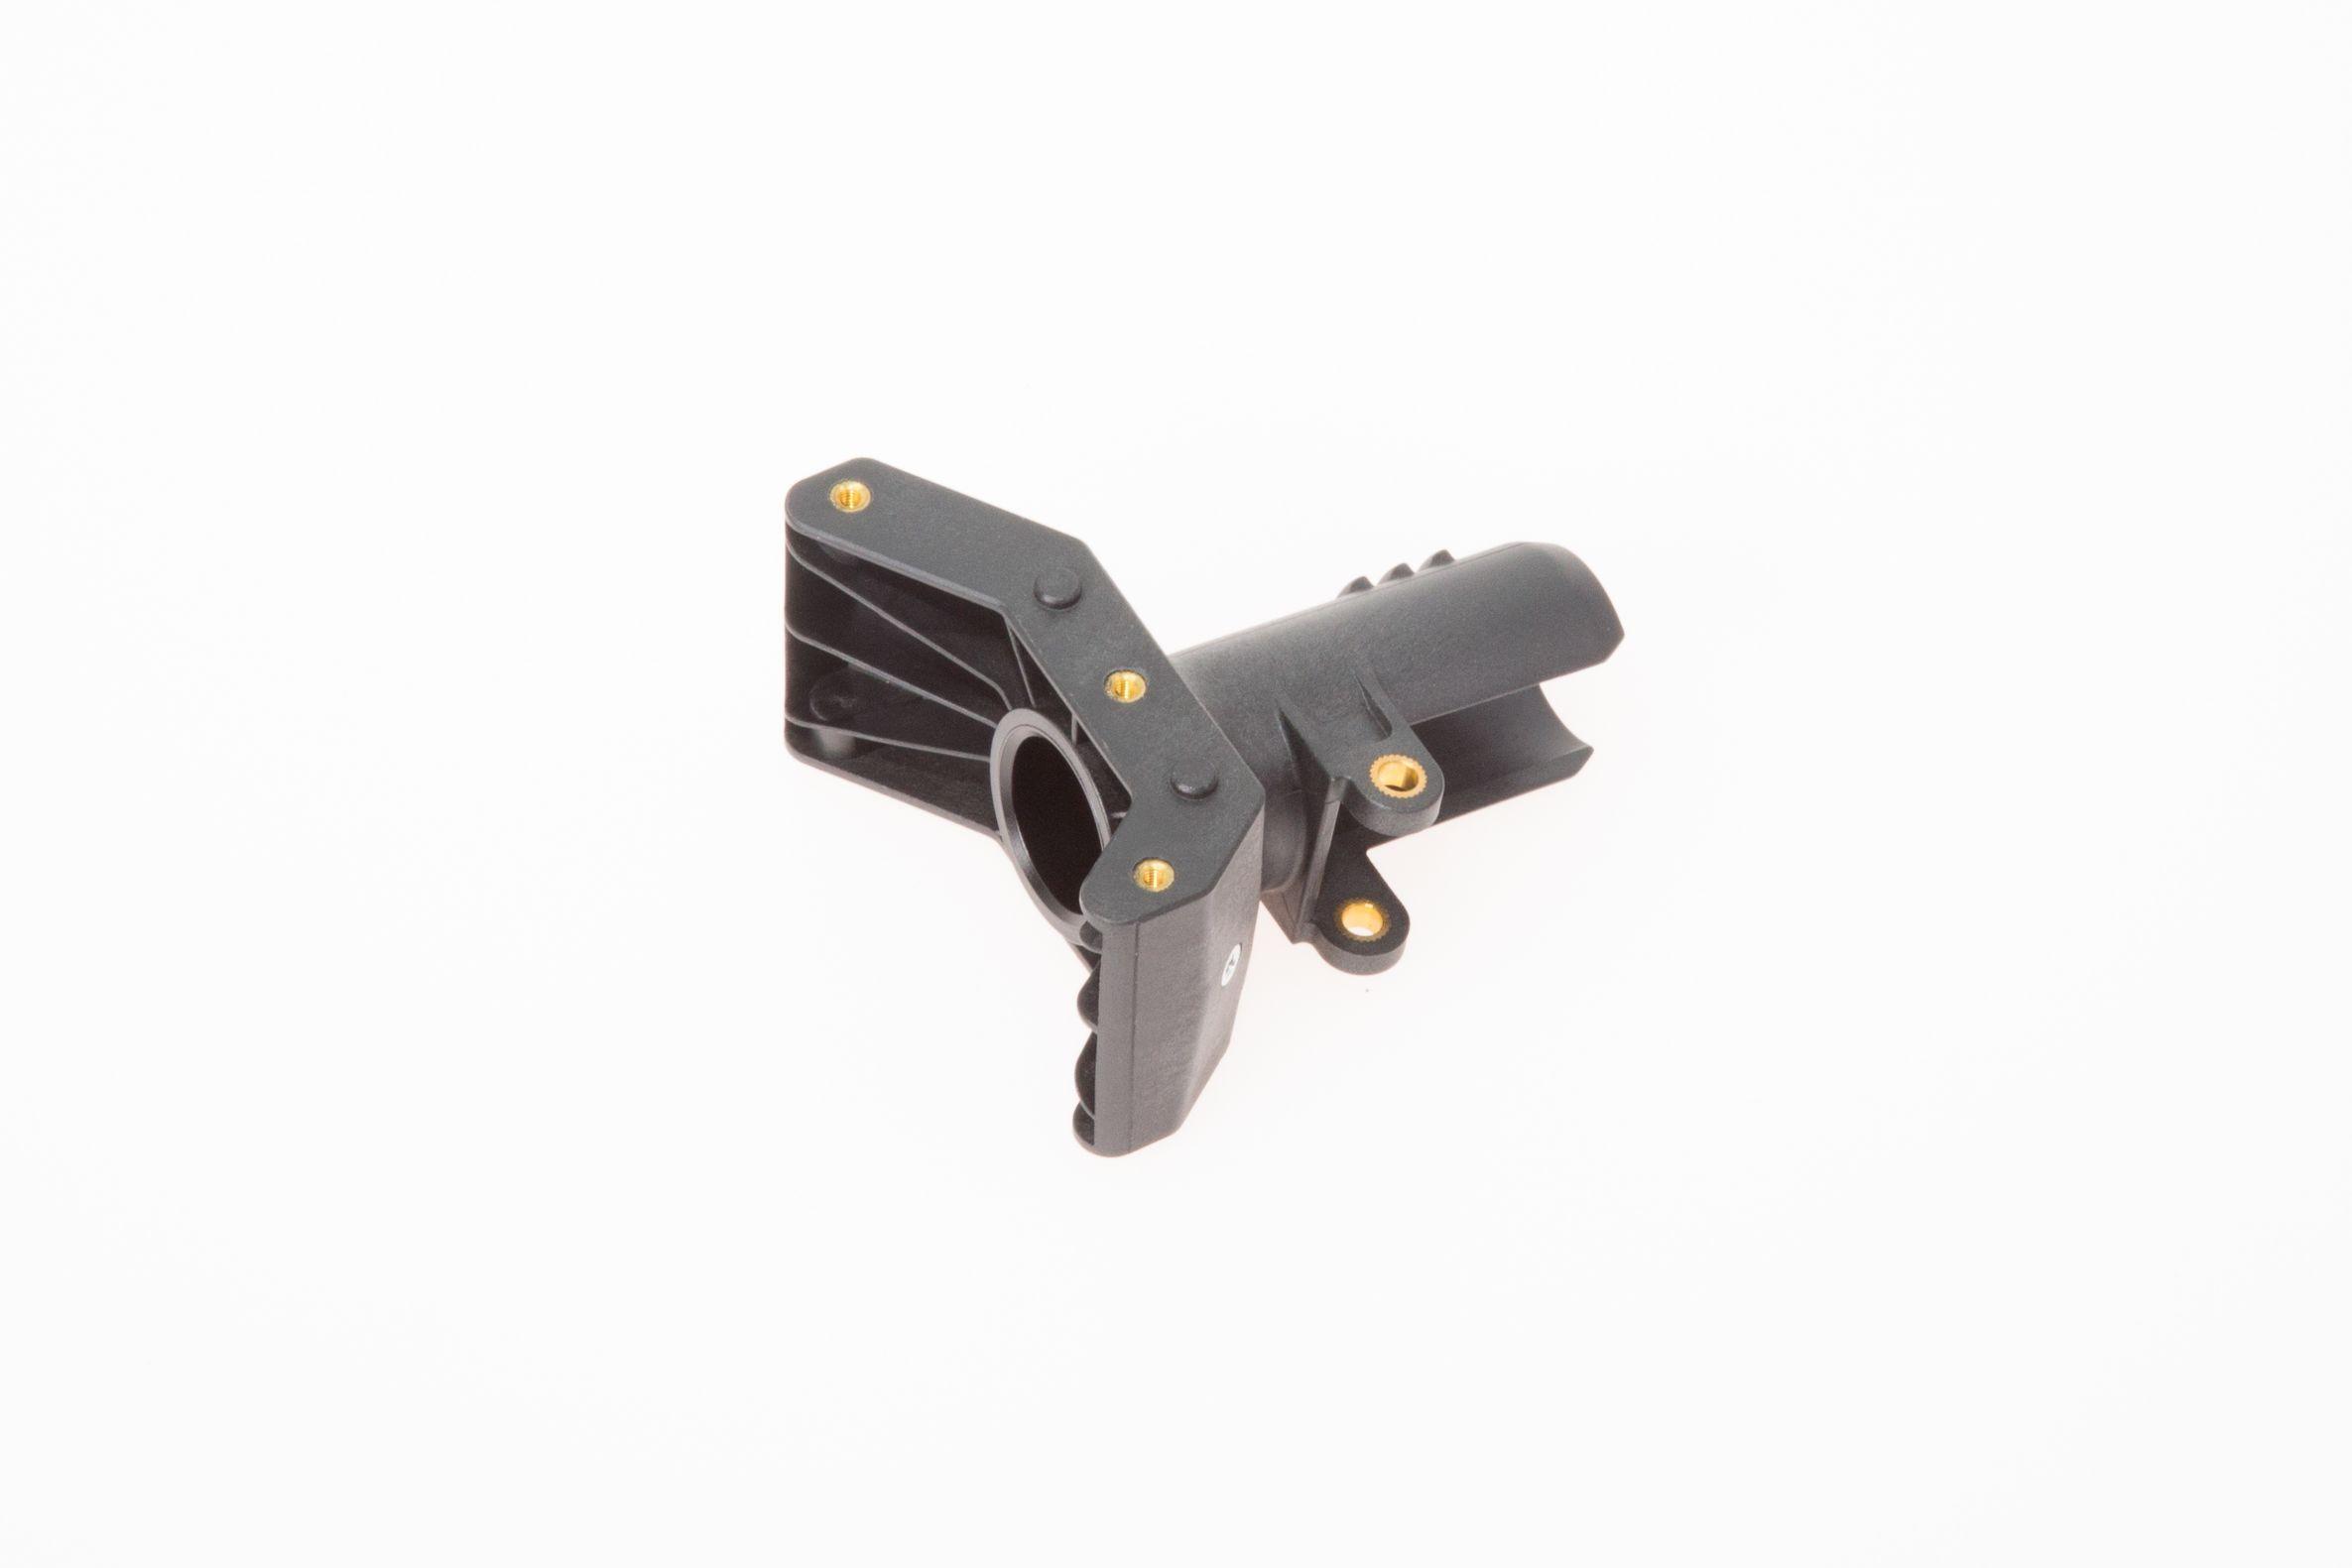 DJI Matrice 200 Arm Connector 1